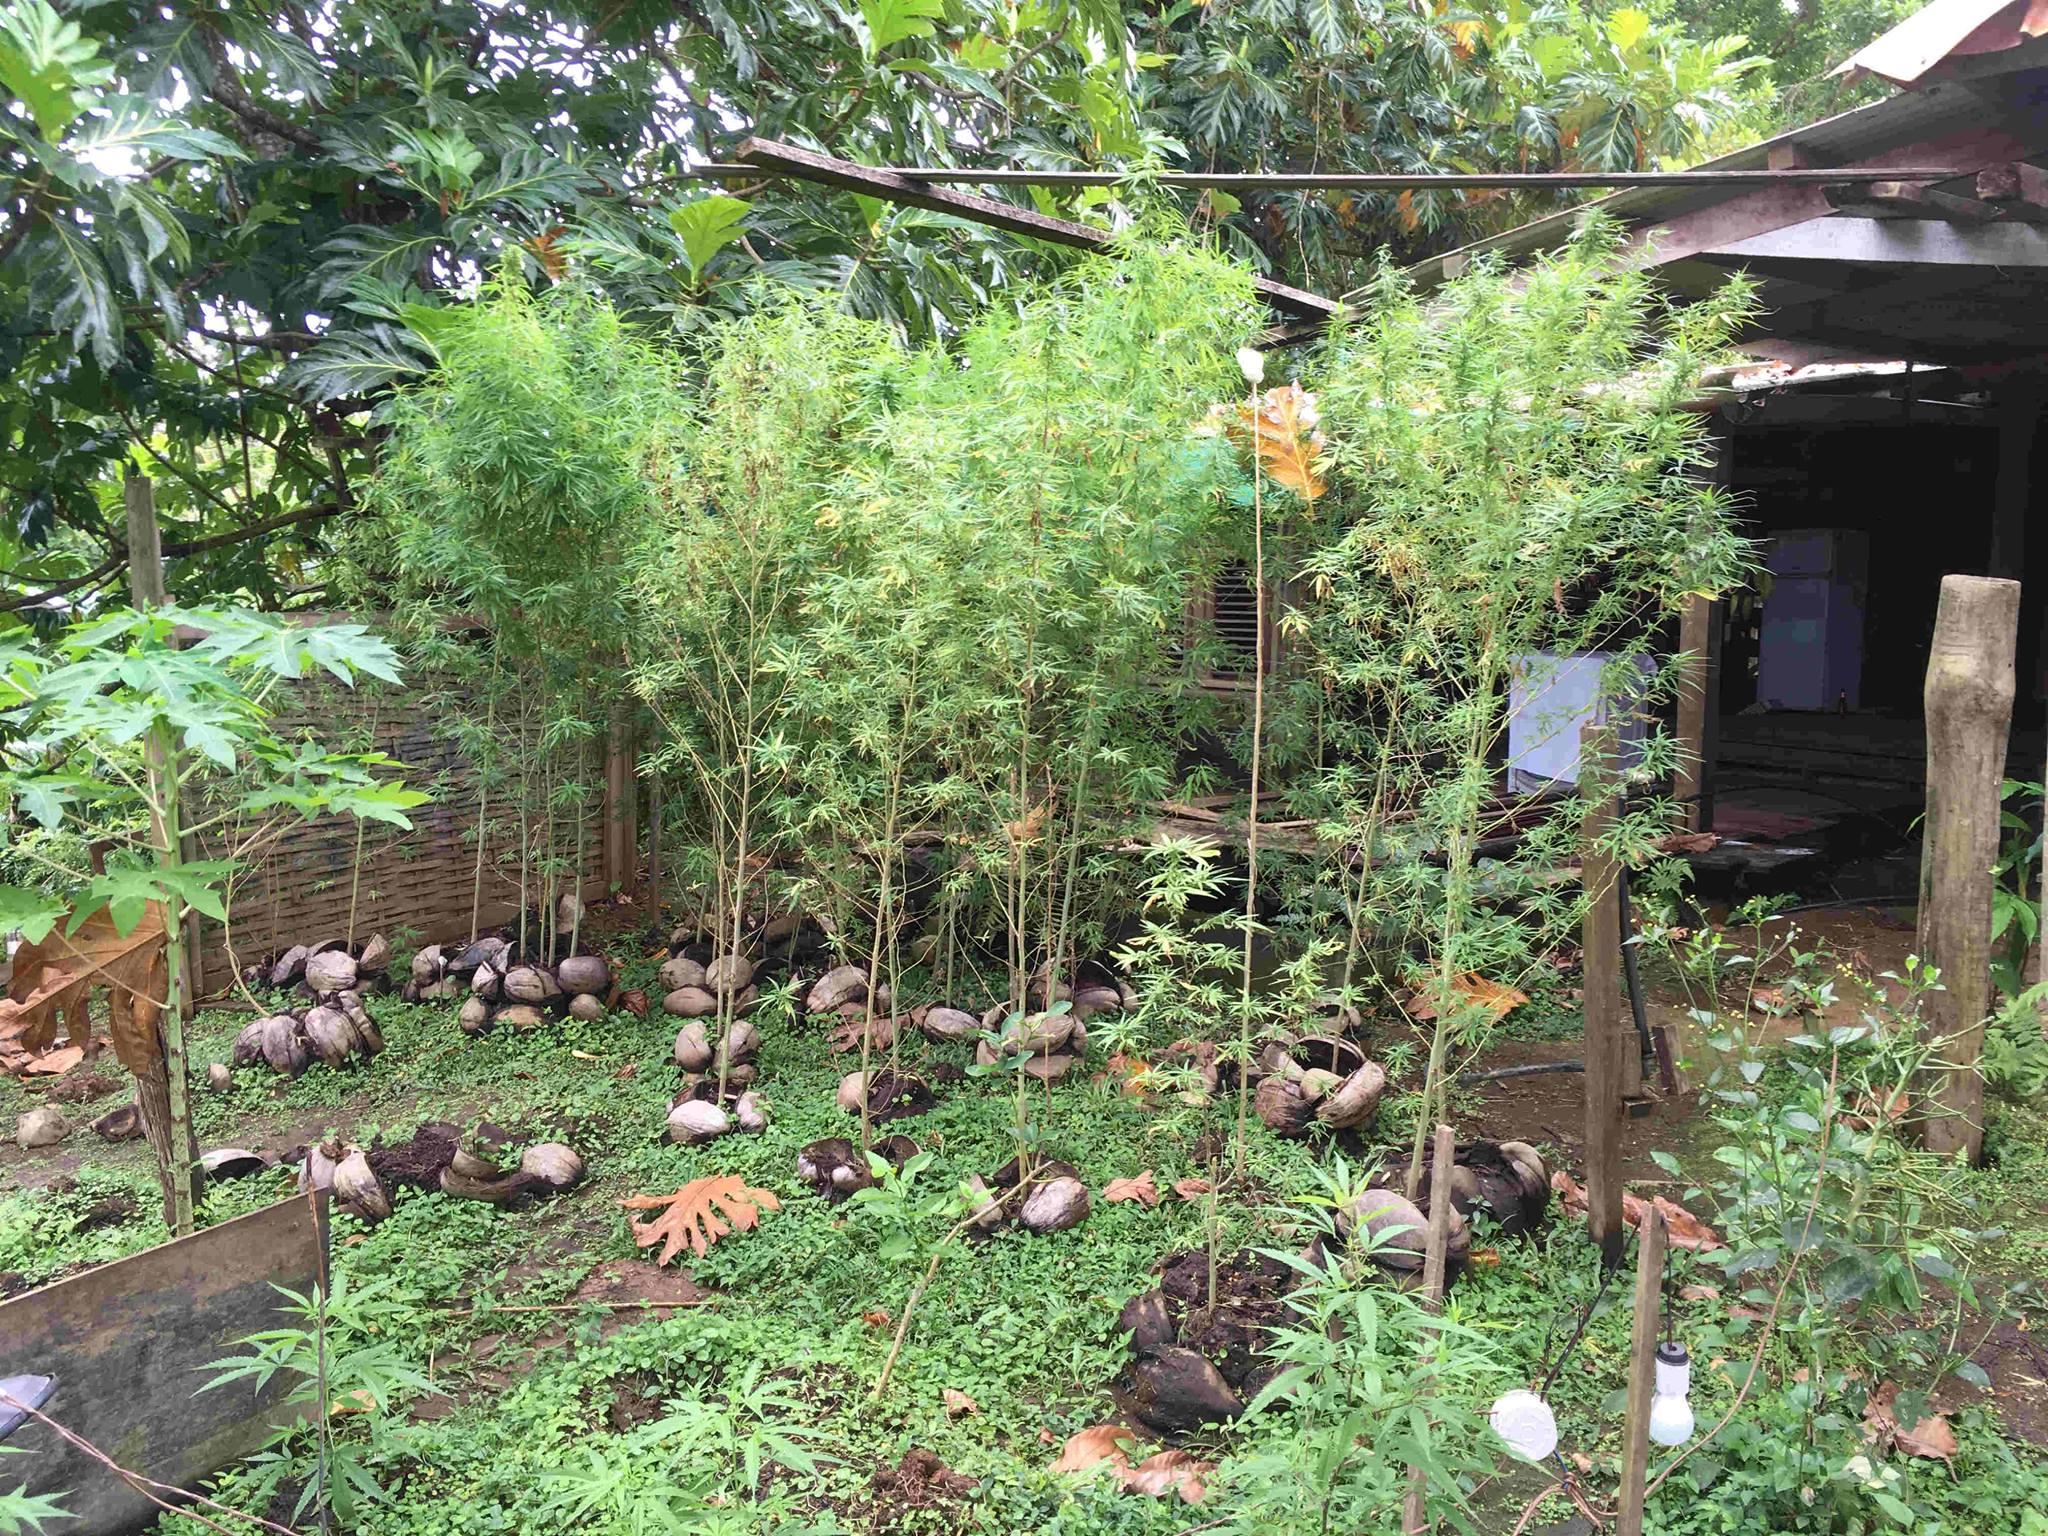 [FAITS DIVERS] Sainte-Marie : 40 pieds de cannabis découverts chez un particulier